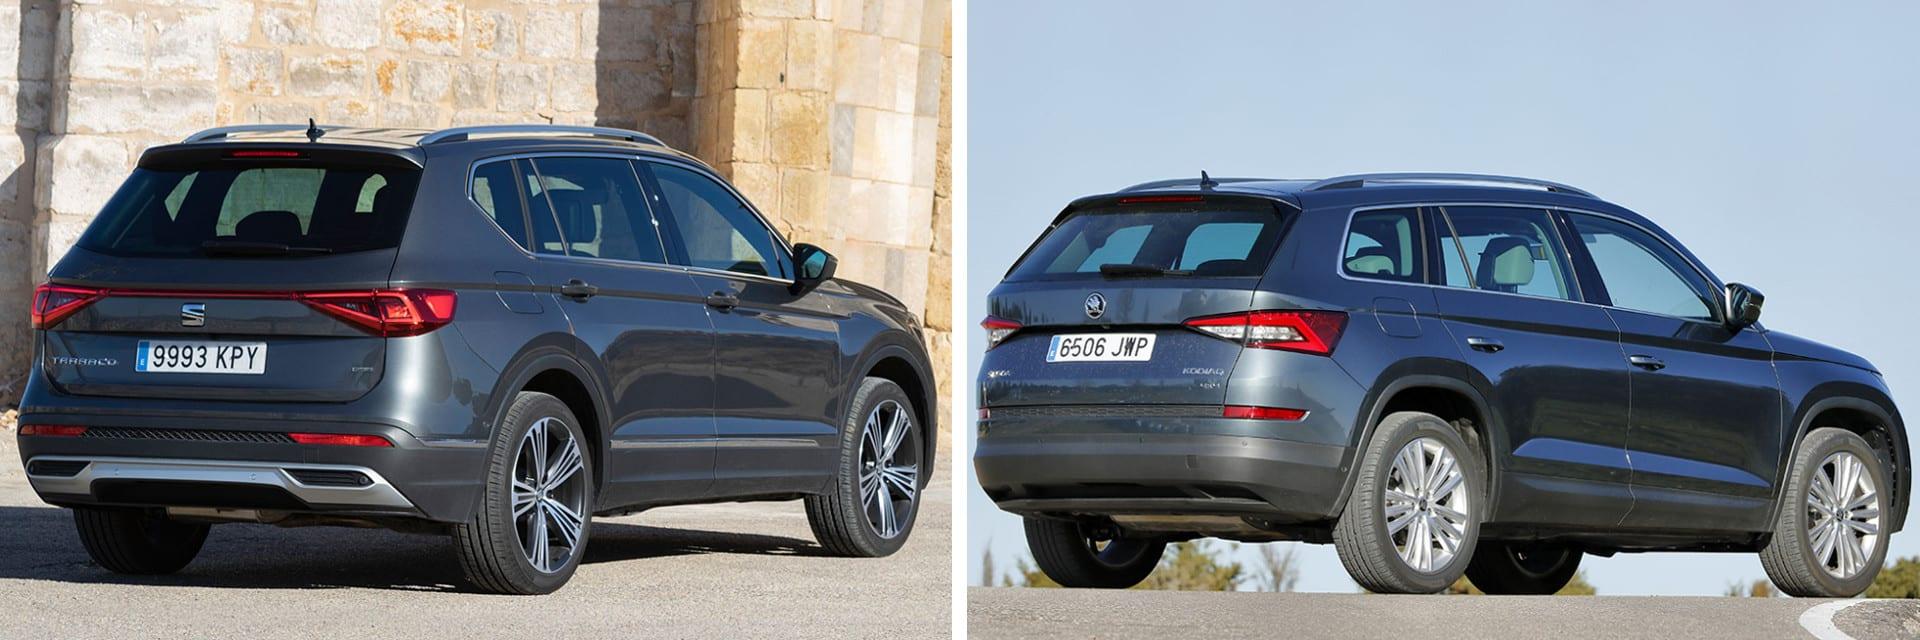 Tanto el SEAT (izq.) como el Škoda (dcha.) transmiten buenas sensaciones durante la conducción, destacando su suavidad en marcha. / km77